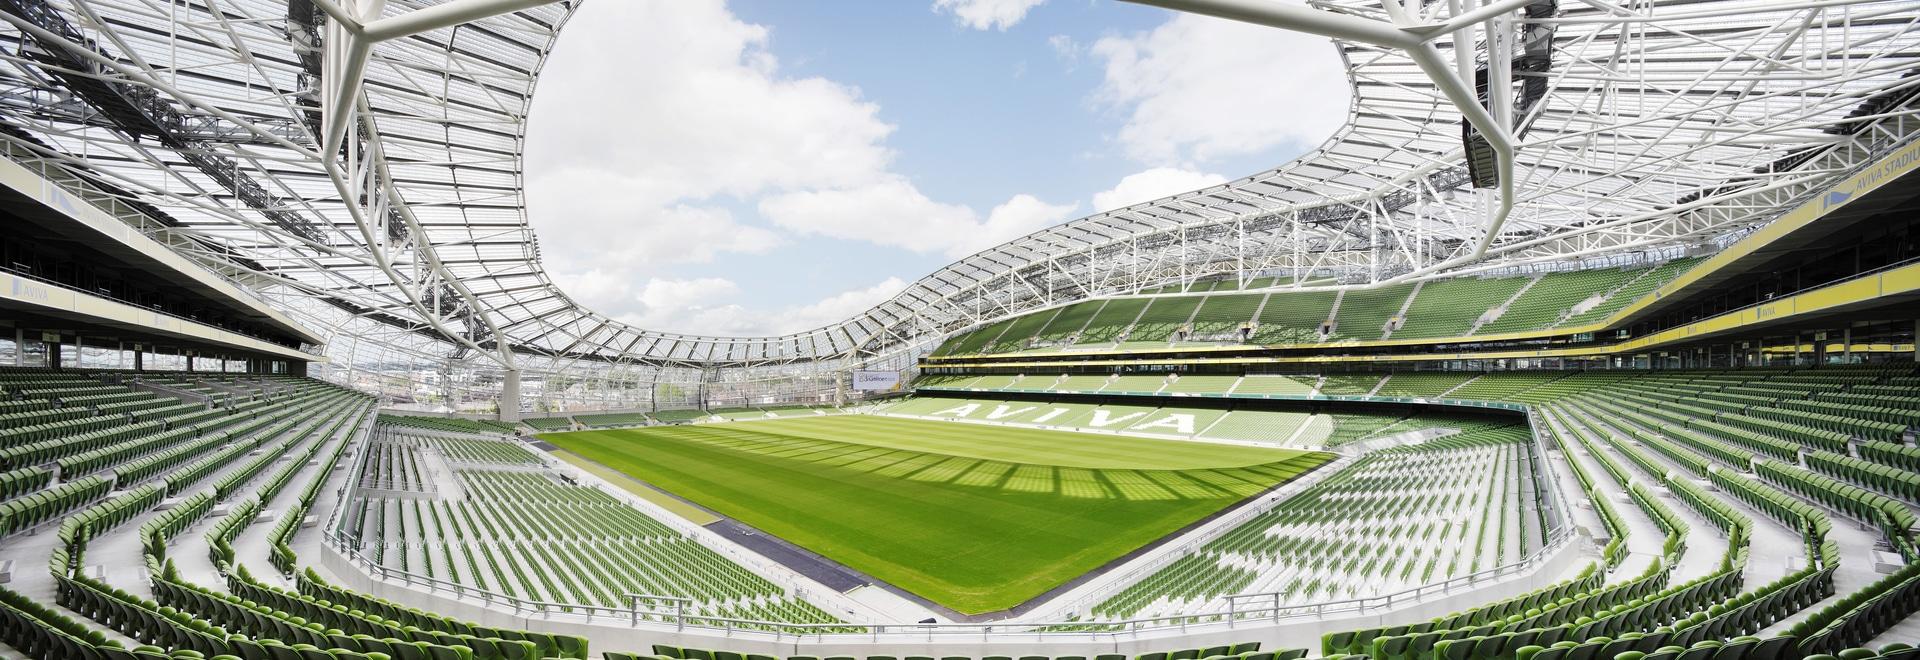 AVIVA STADIUM / IRELAND